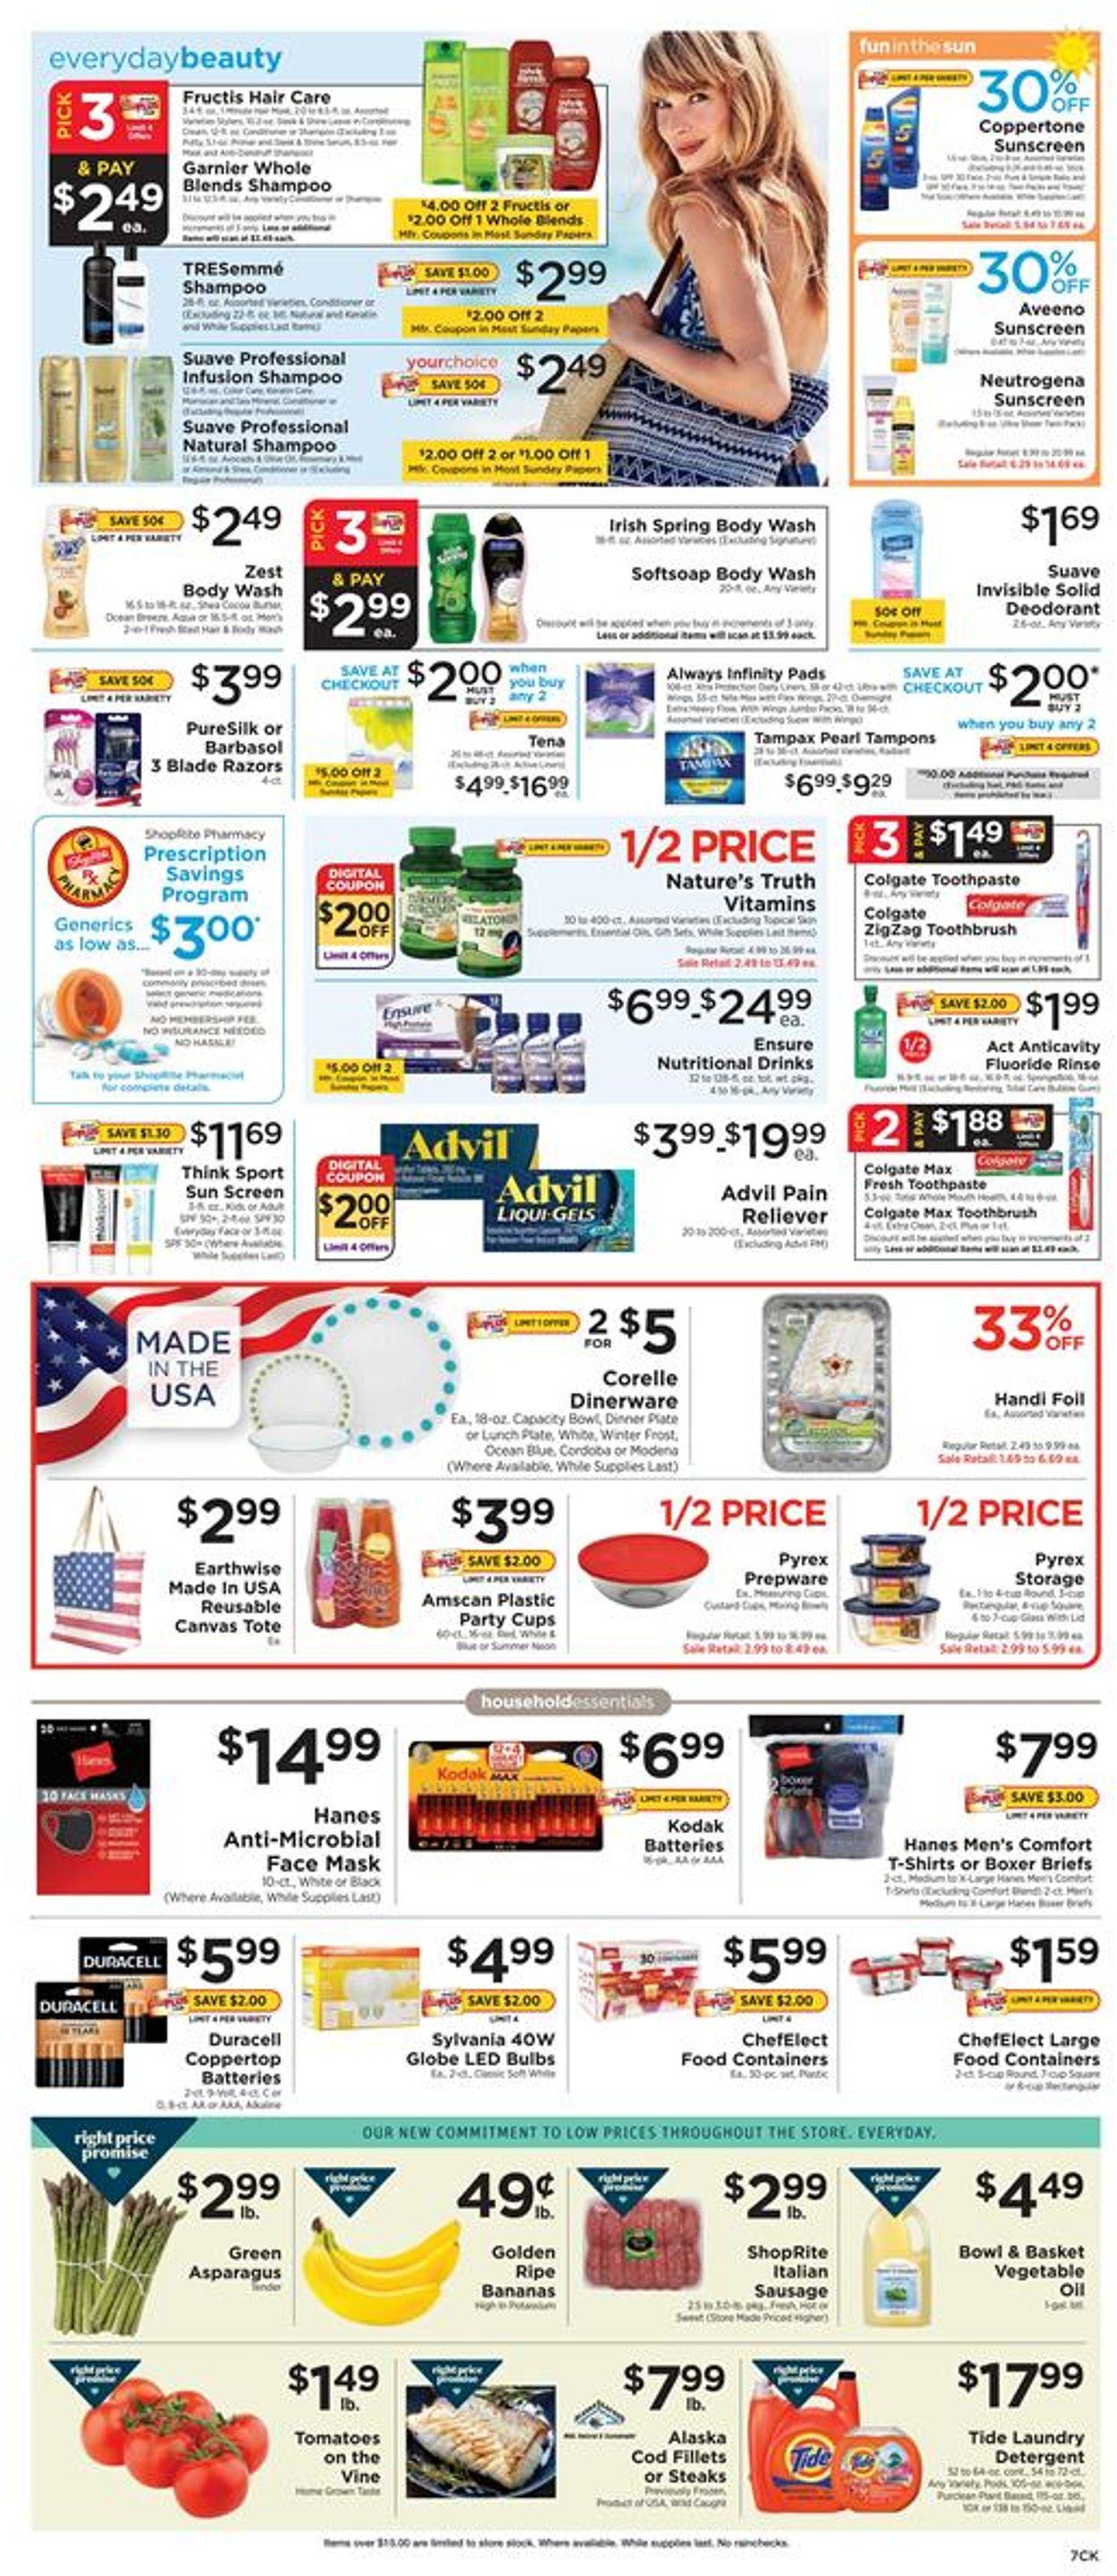 ShopRite Weekly Ad Circular - valid 06/28-07/04/2020 (Page 7)